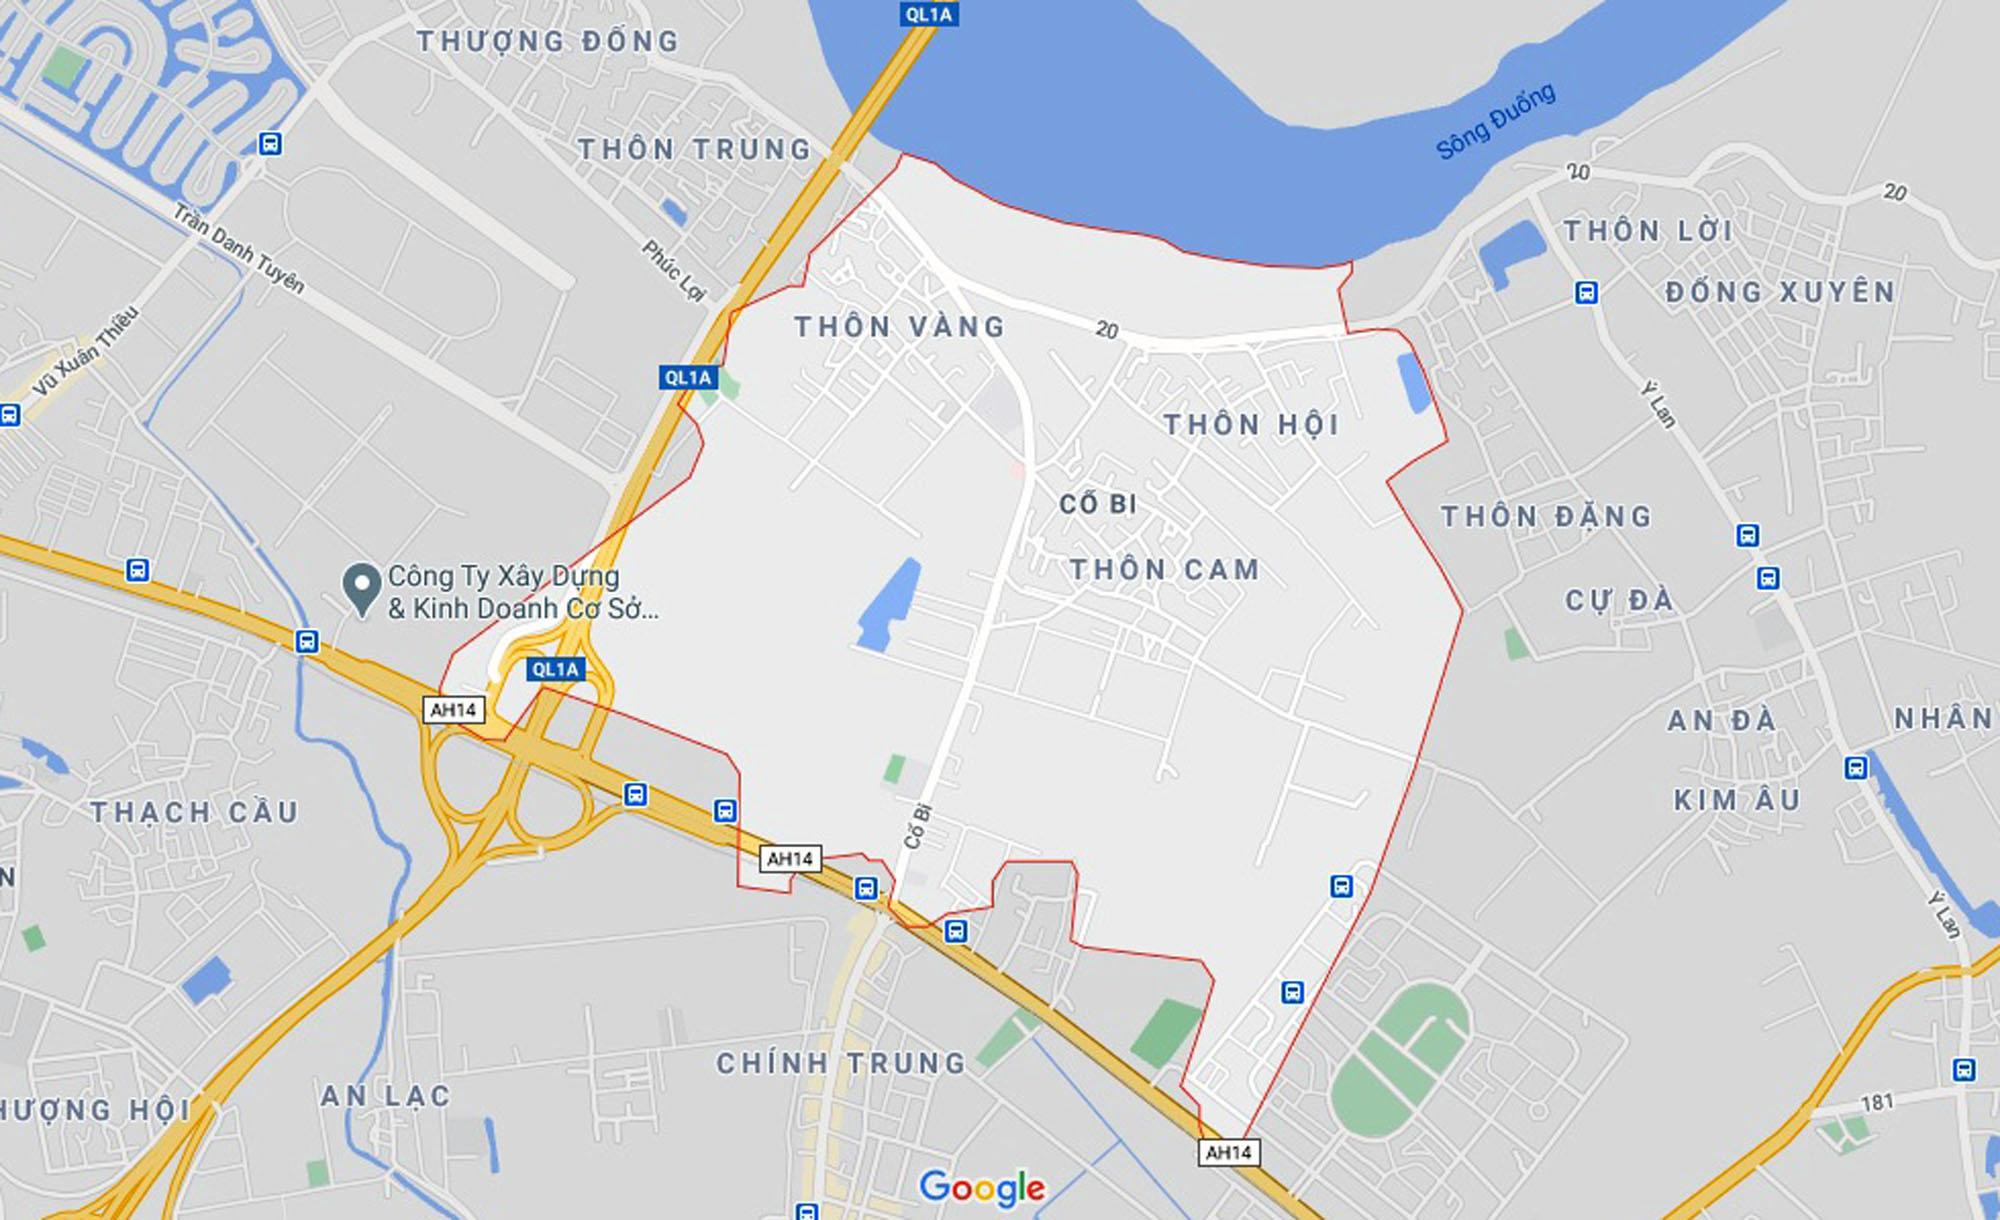 Vị trí ba đường sẽ mở theo qui hoạch ở xã Cổ Bi, Gia Lâm, Hà Nội - Ảnh 1.